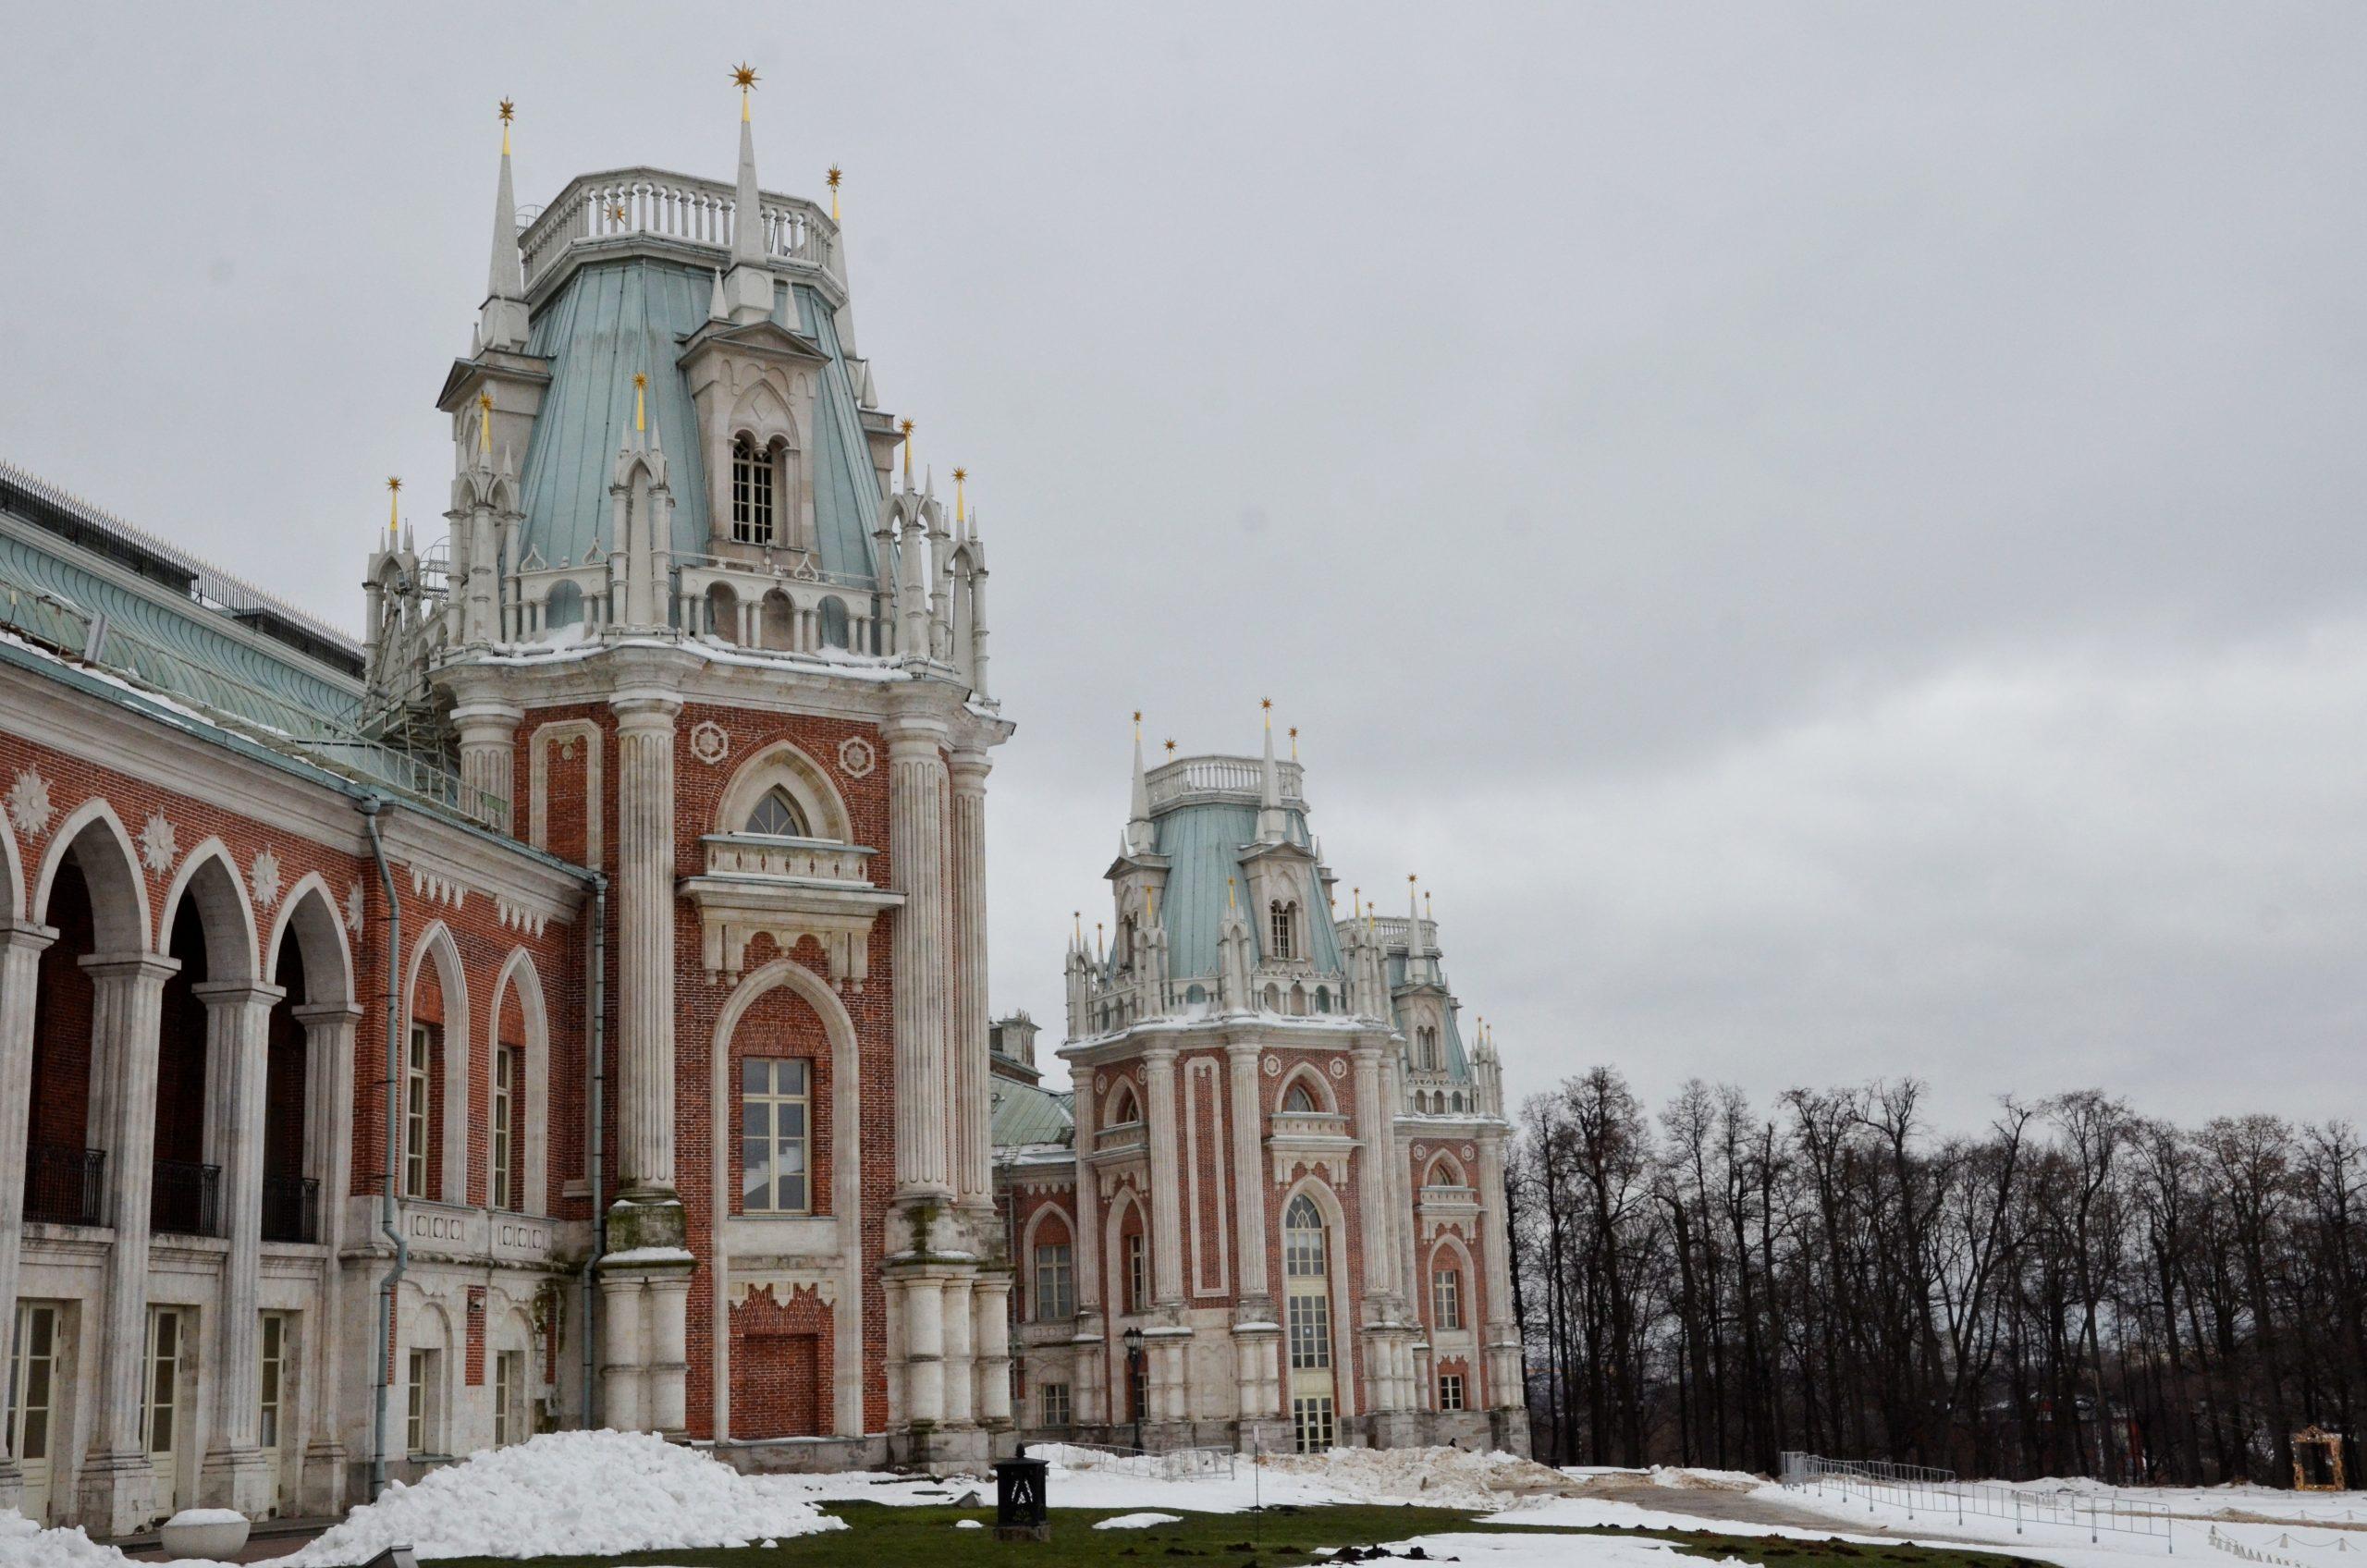 Работники Музея «Царицыно» рассказали об одном из экспонатов. Фото: Анна Быкова